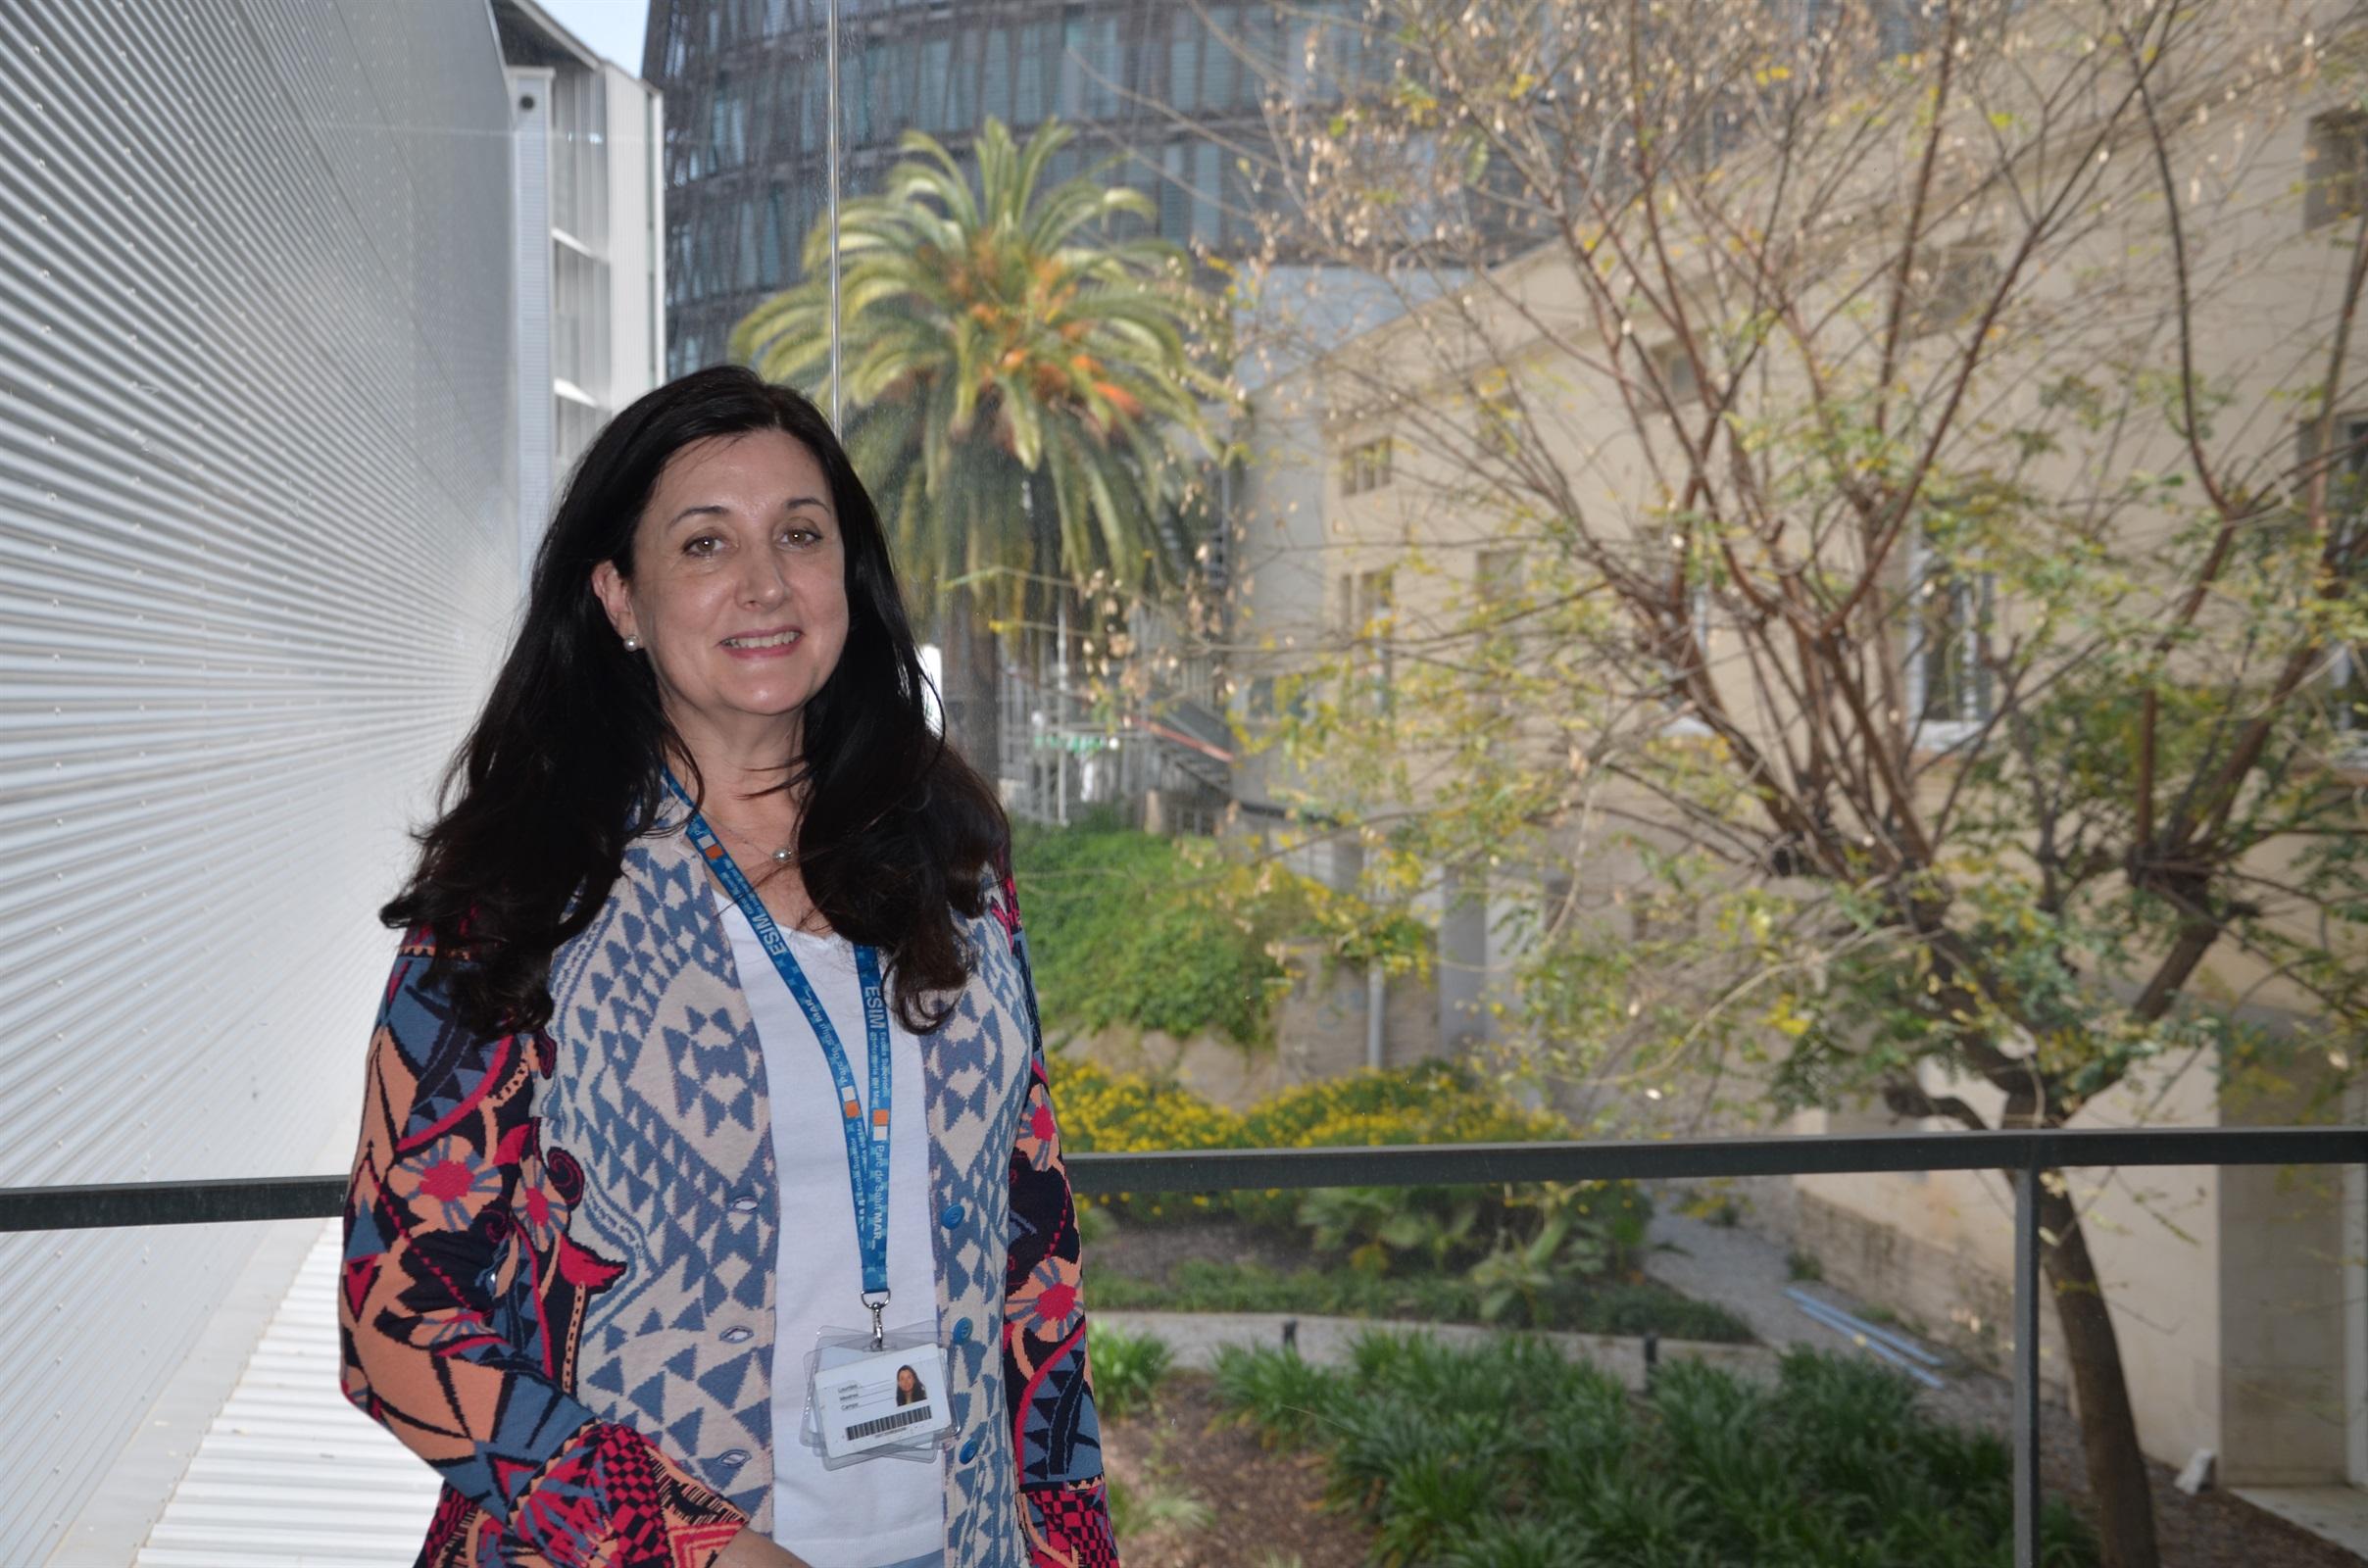 Lourdes Mestres: «Les infermeres interactuem constantment amb el cos físic i emocional de les persones, necessitem saber quin valor i significat té per a cada una d'elles»